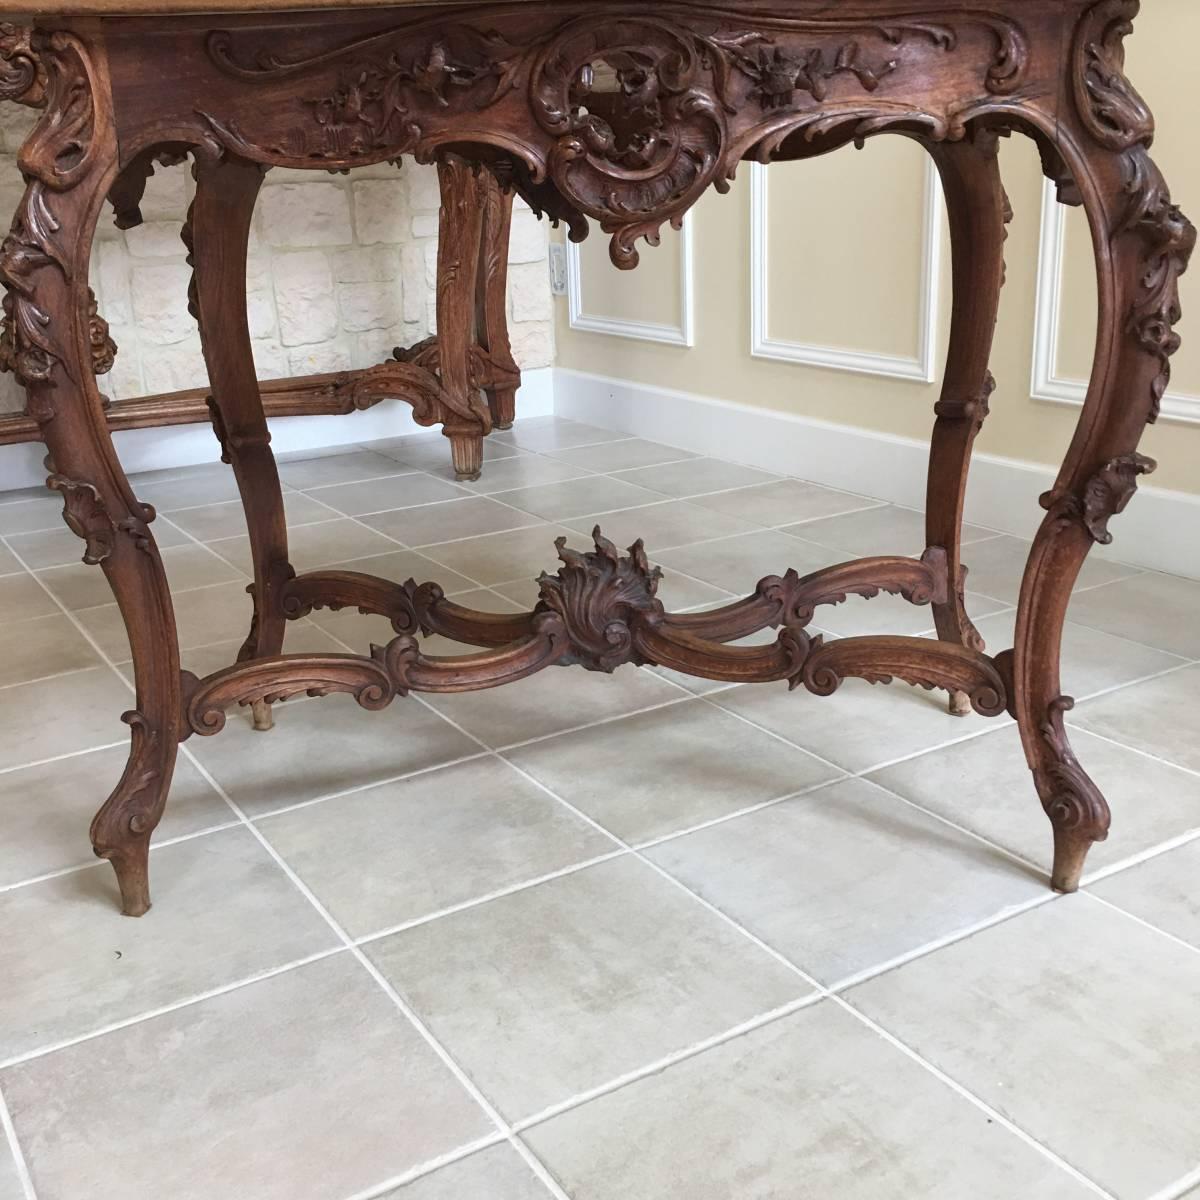 フランスアンティーク テーブル アンティークテーブル 19世紀 コンソールテーブル ルイ15世様式 ロココ様式 アンティーク家具_画像3